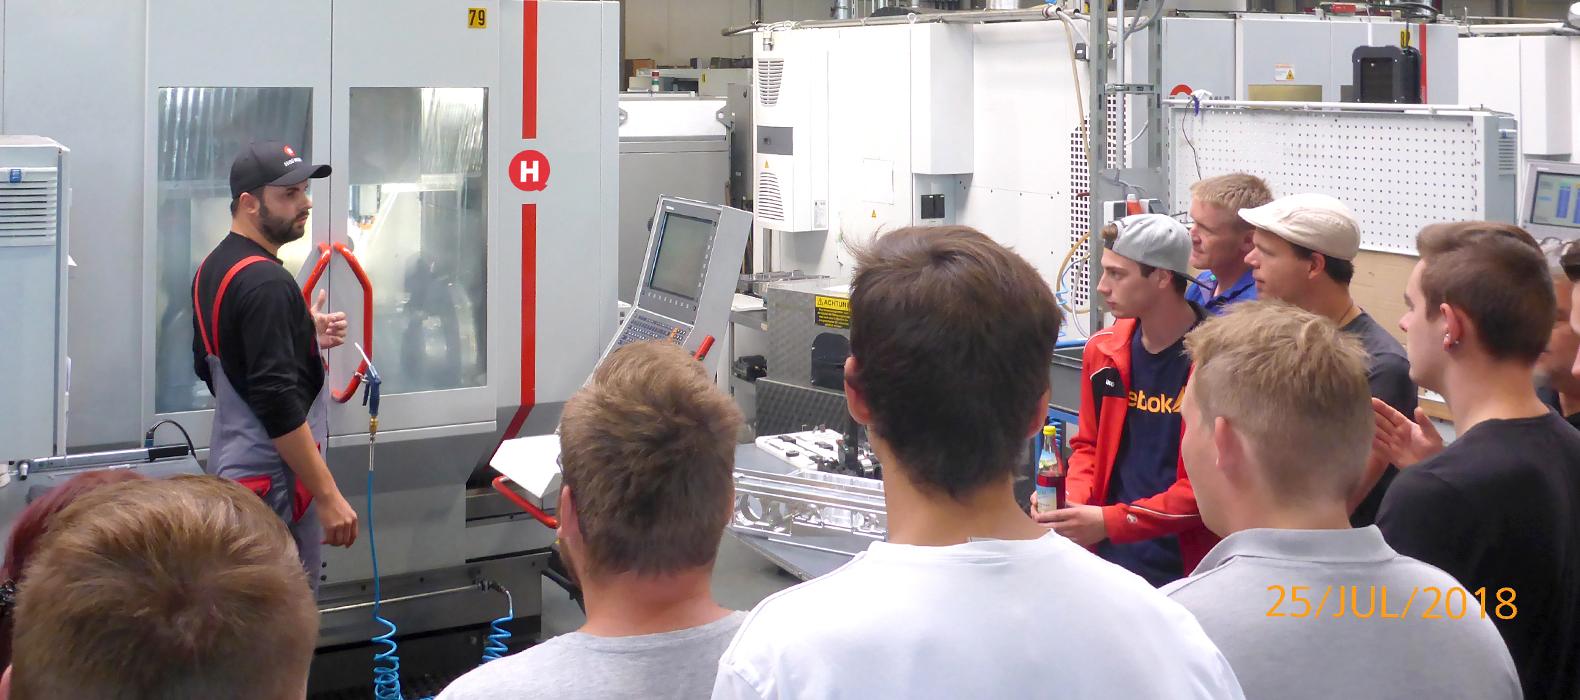 Hofmann CNC Berufschule Forchheim Industriemechaniker